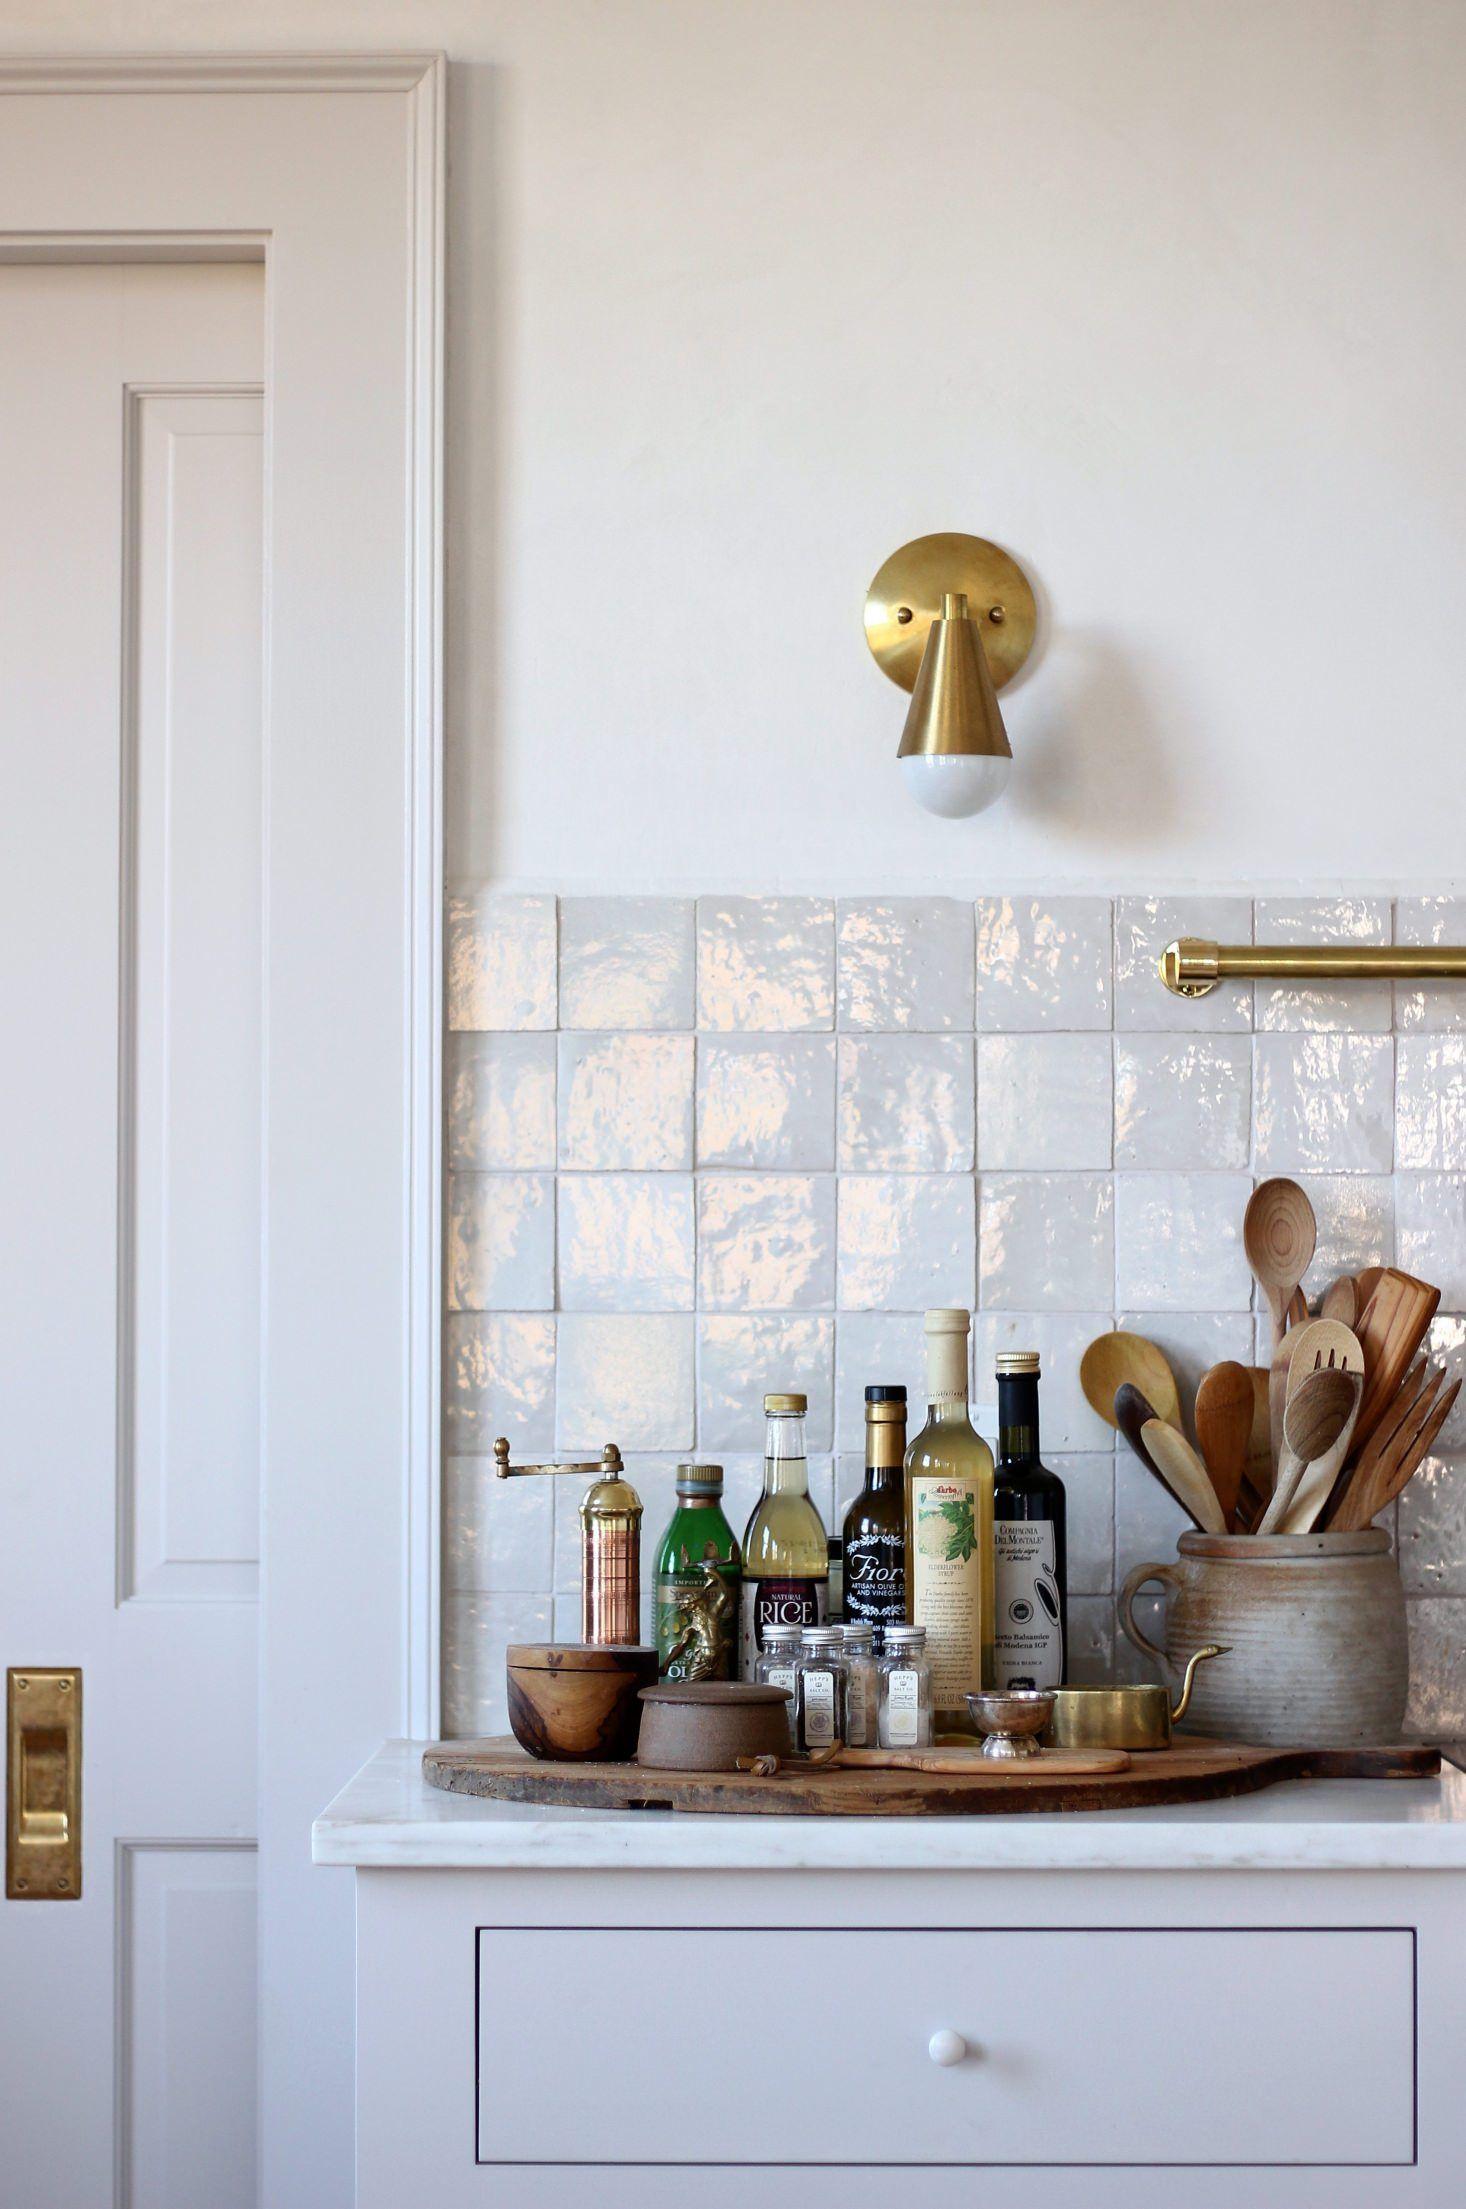 2018 Design Trends Kitchen Interiordesign Kjokken Interior Og